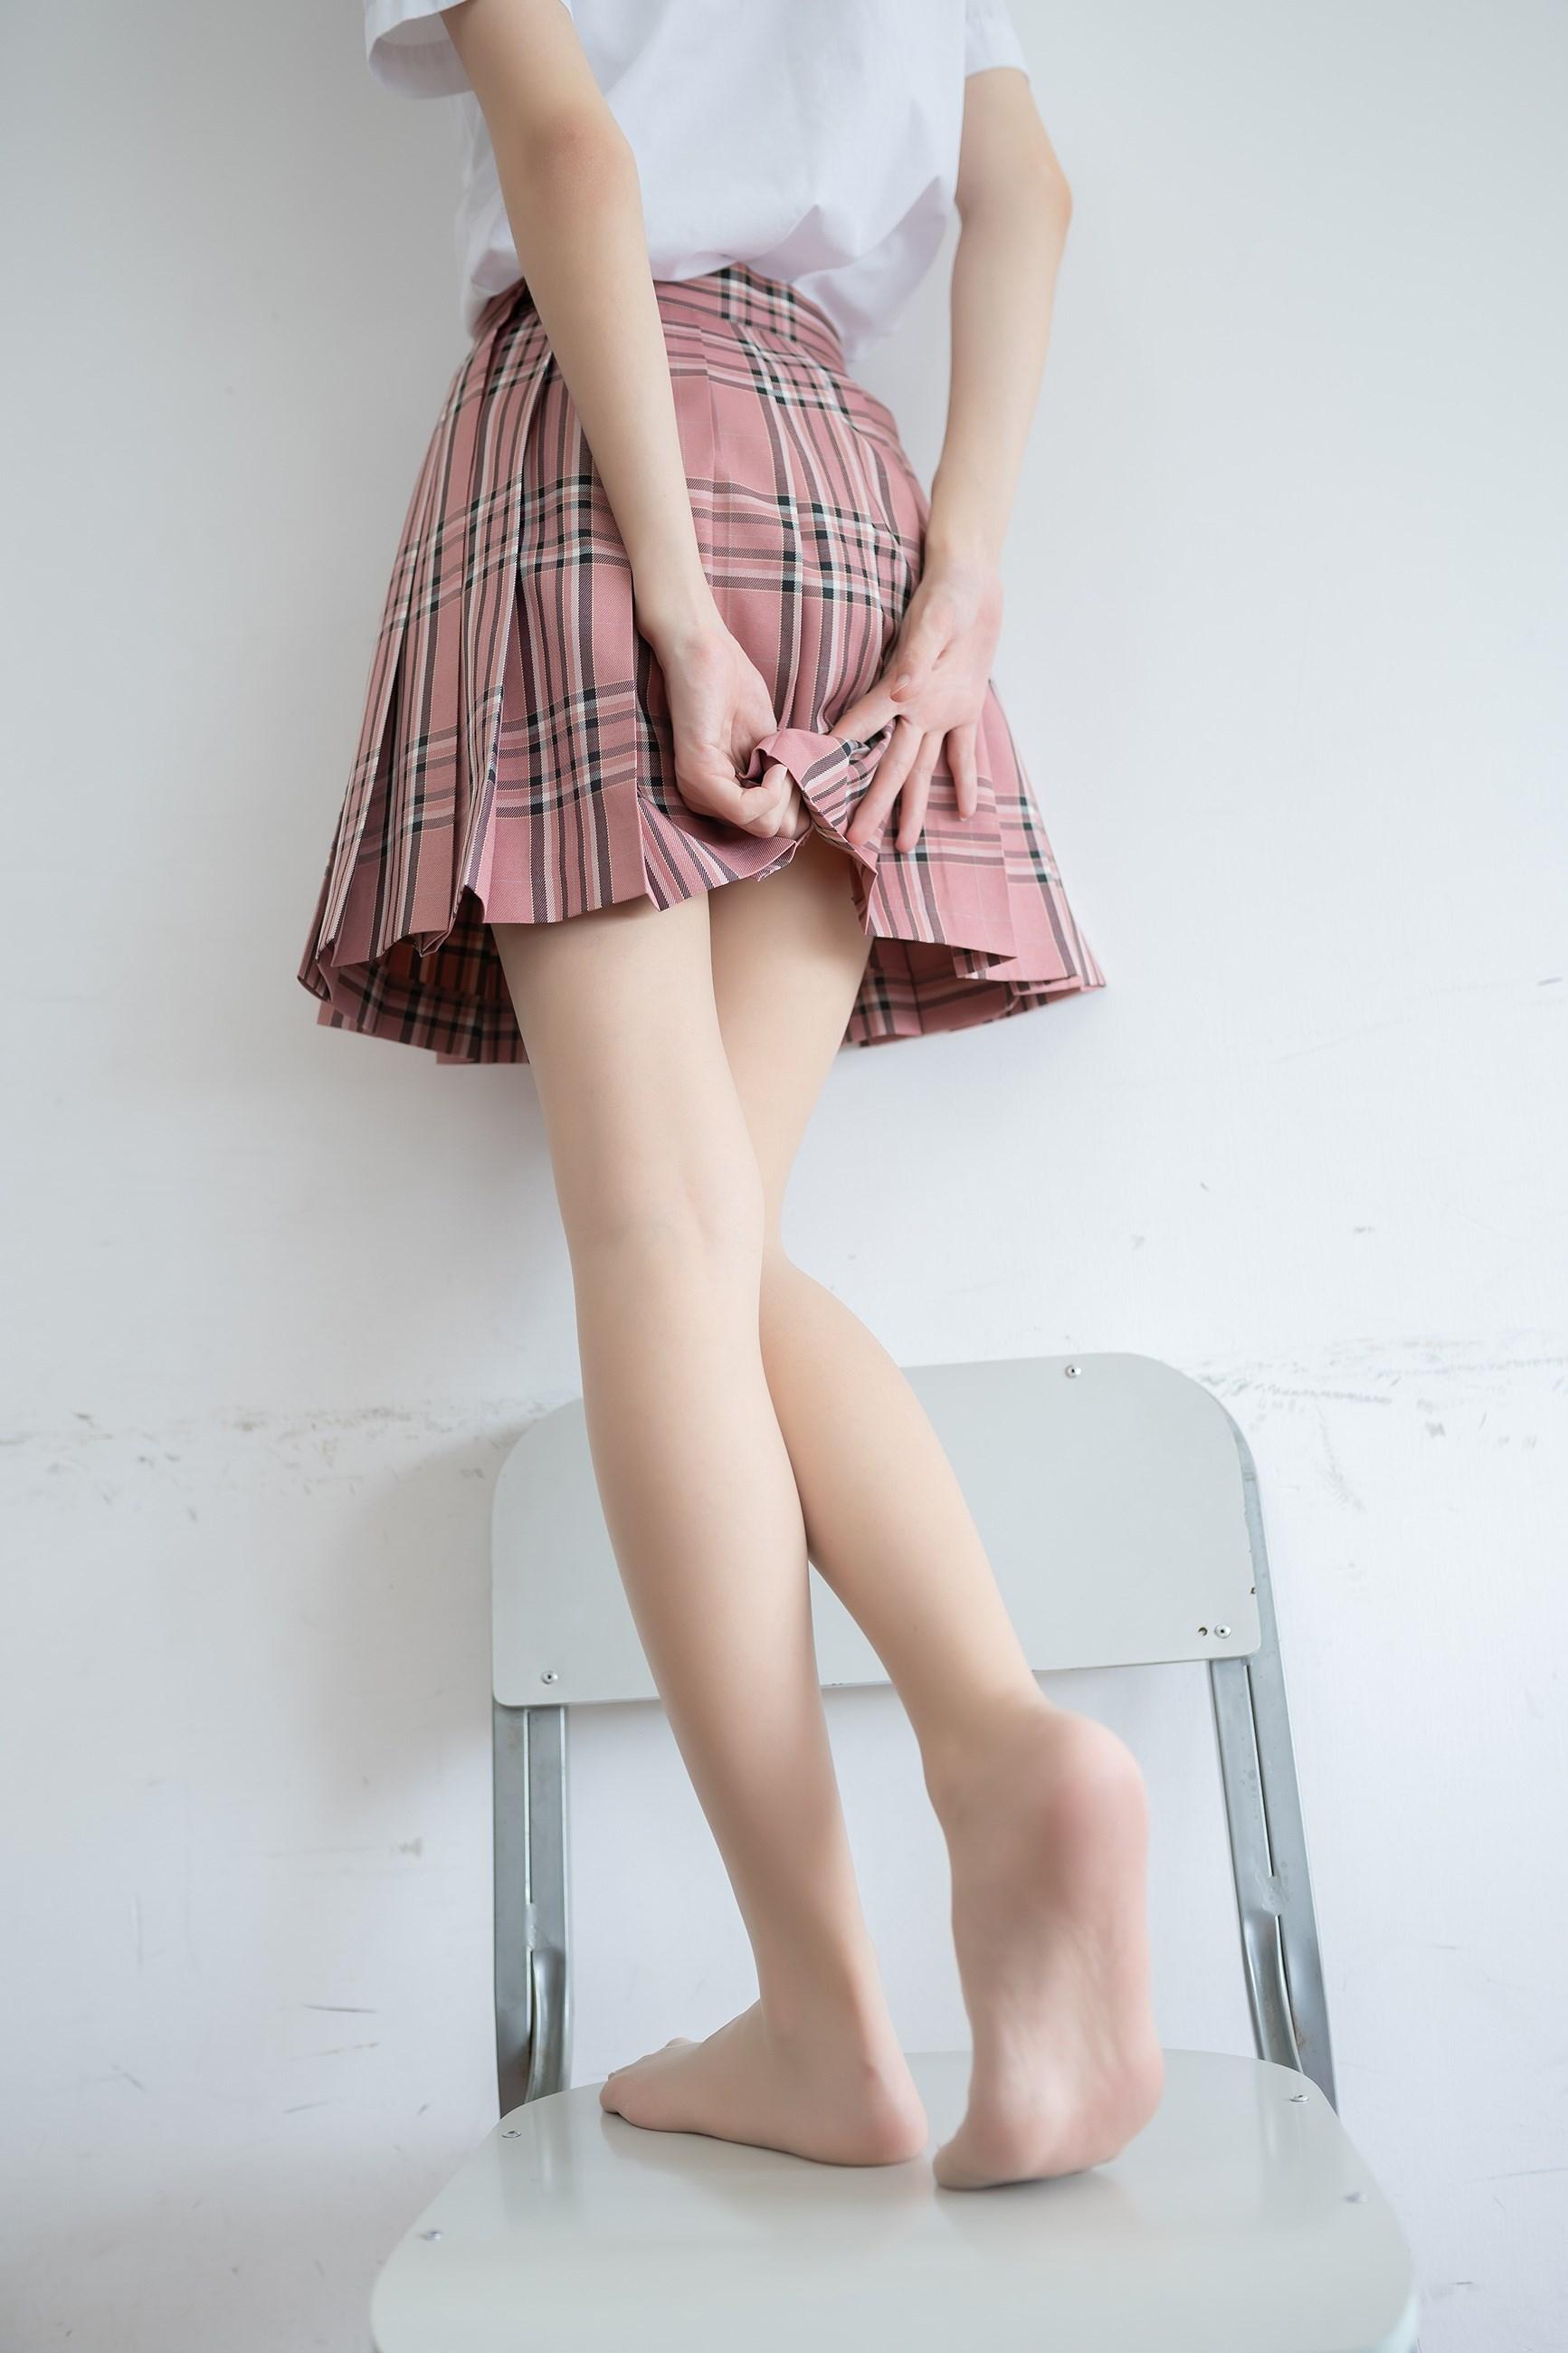 【兔玩映画】粉色格裙少女 兔玩映画 第37张